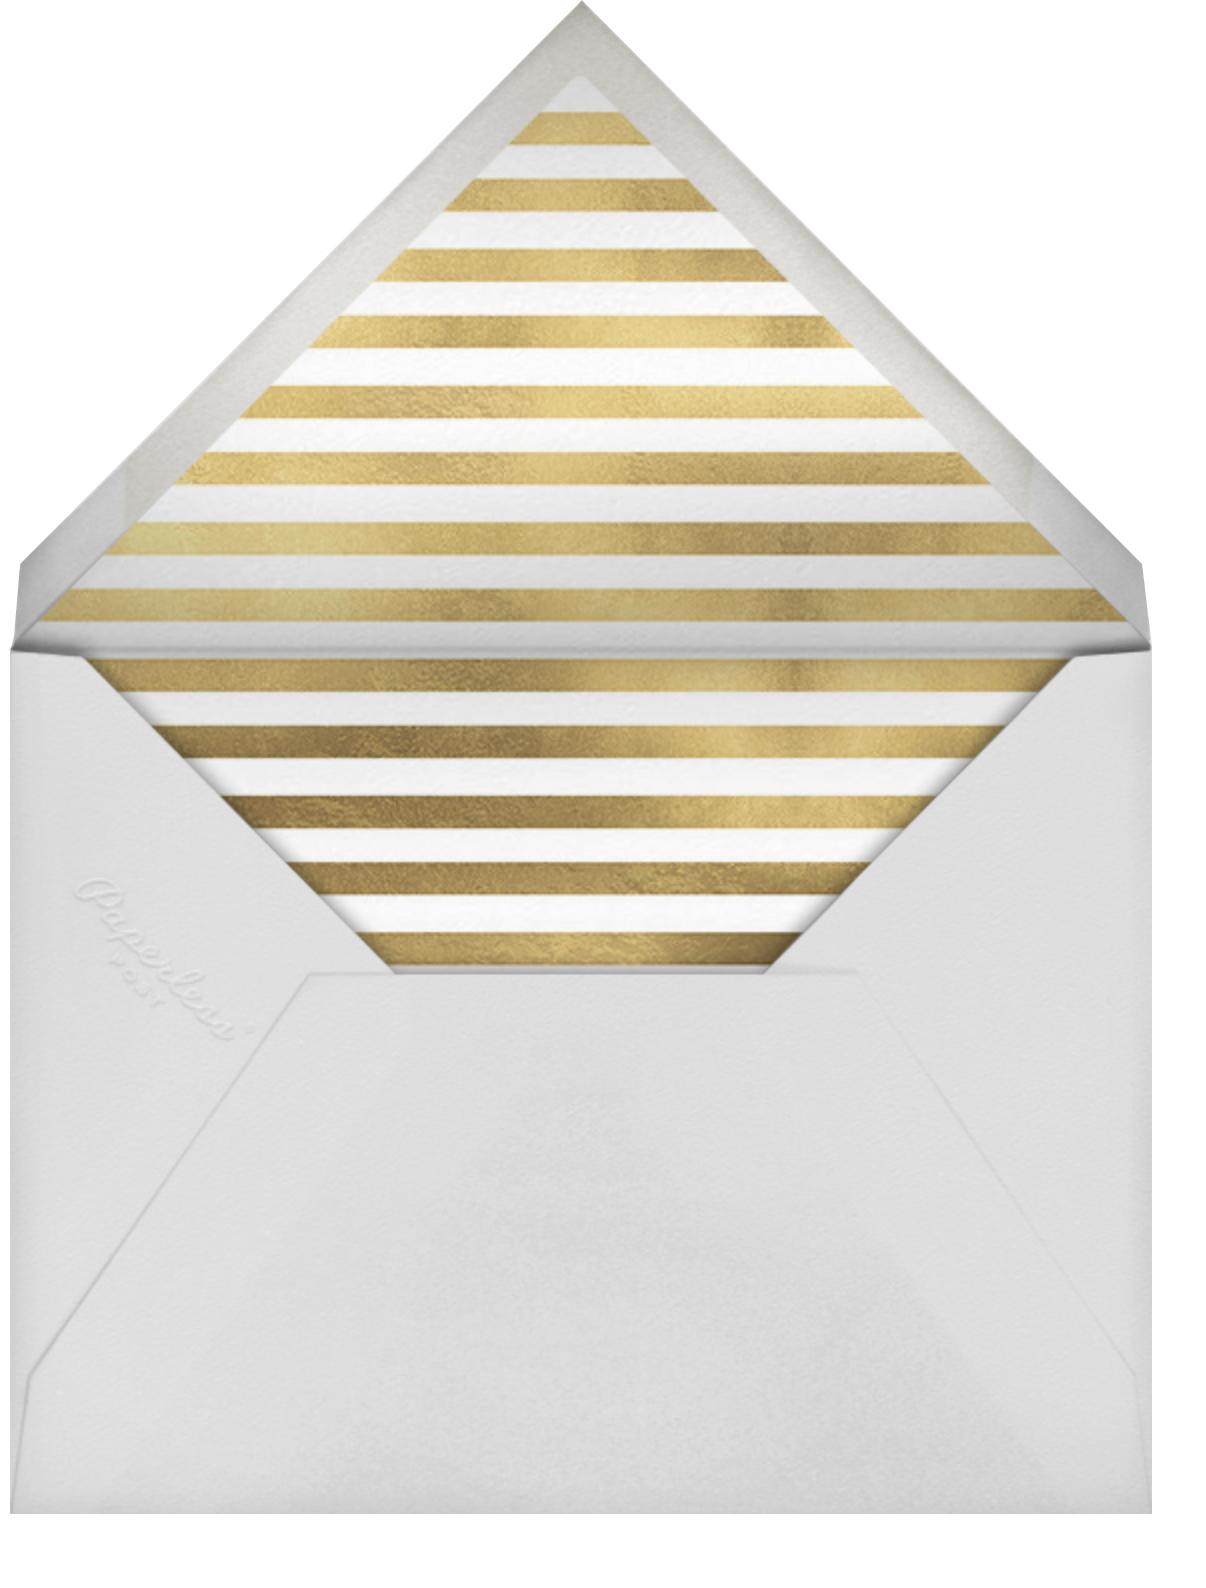 Truitt (New Date) - Gold - Paperless Post - Envelope